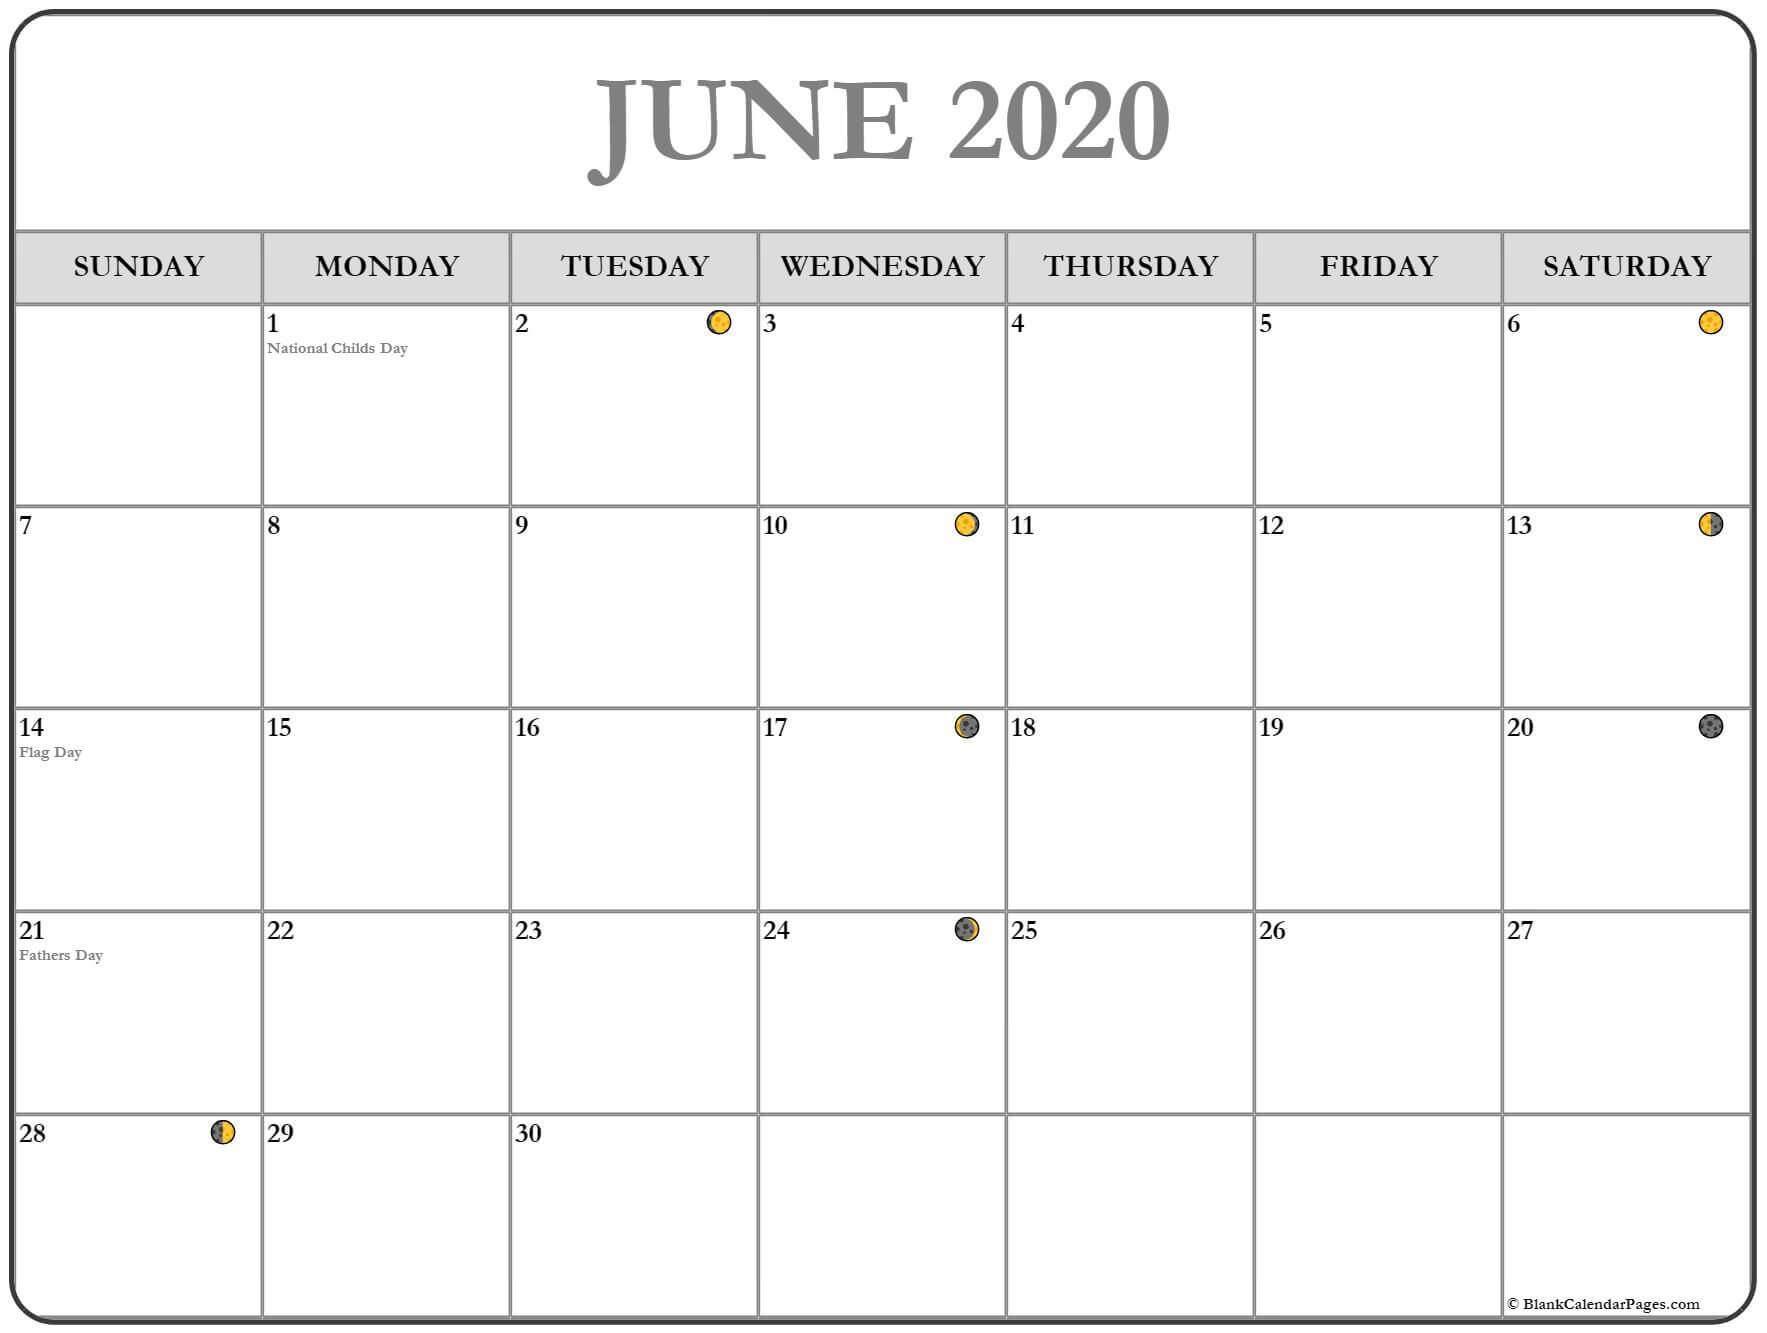 June 2020 Moon Calendar Template